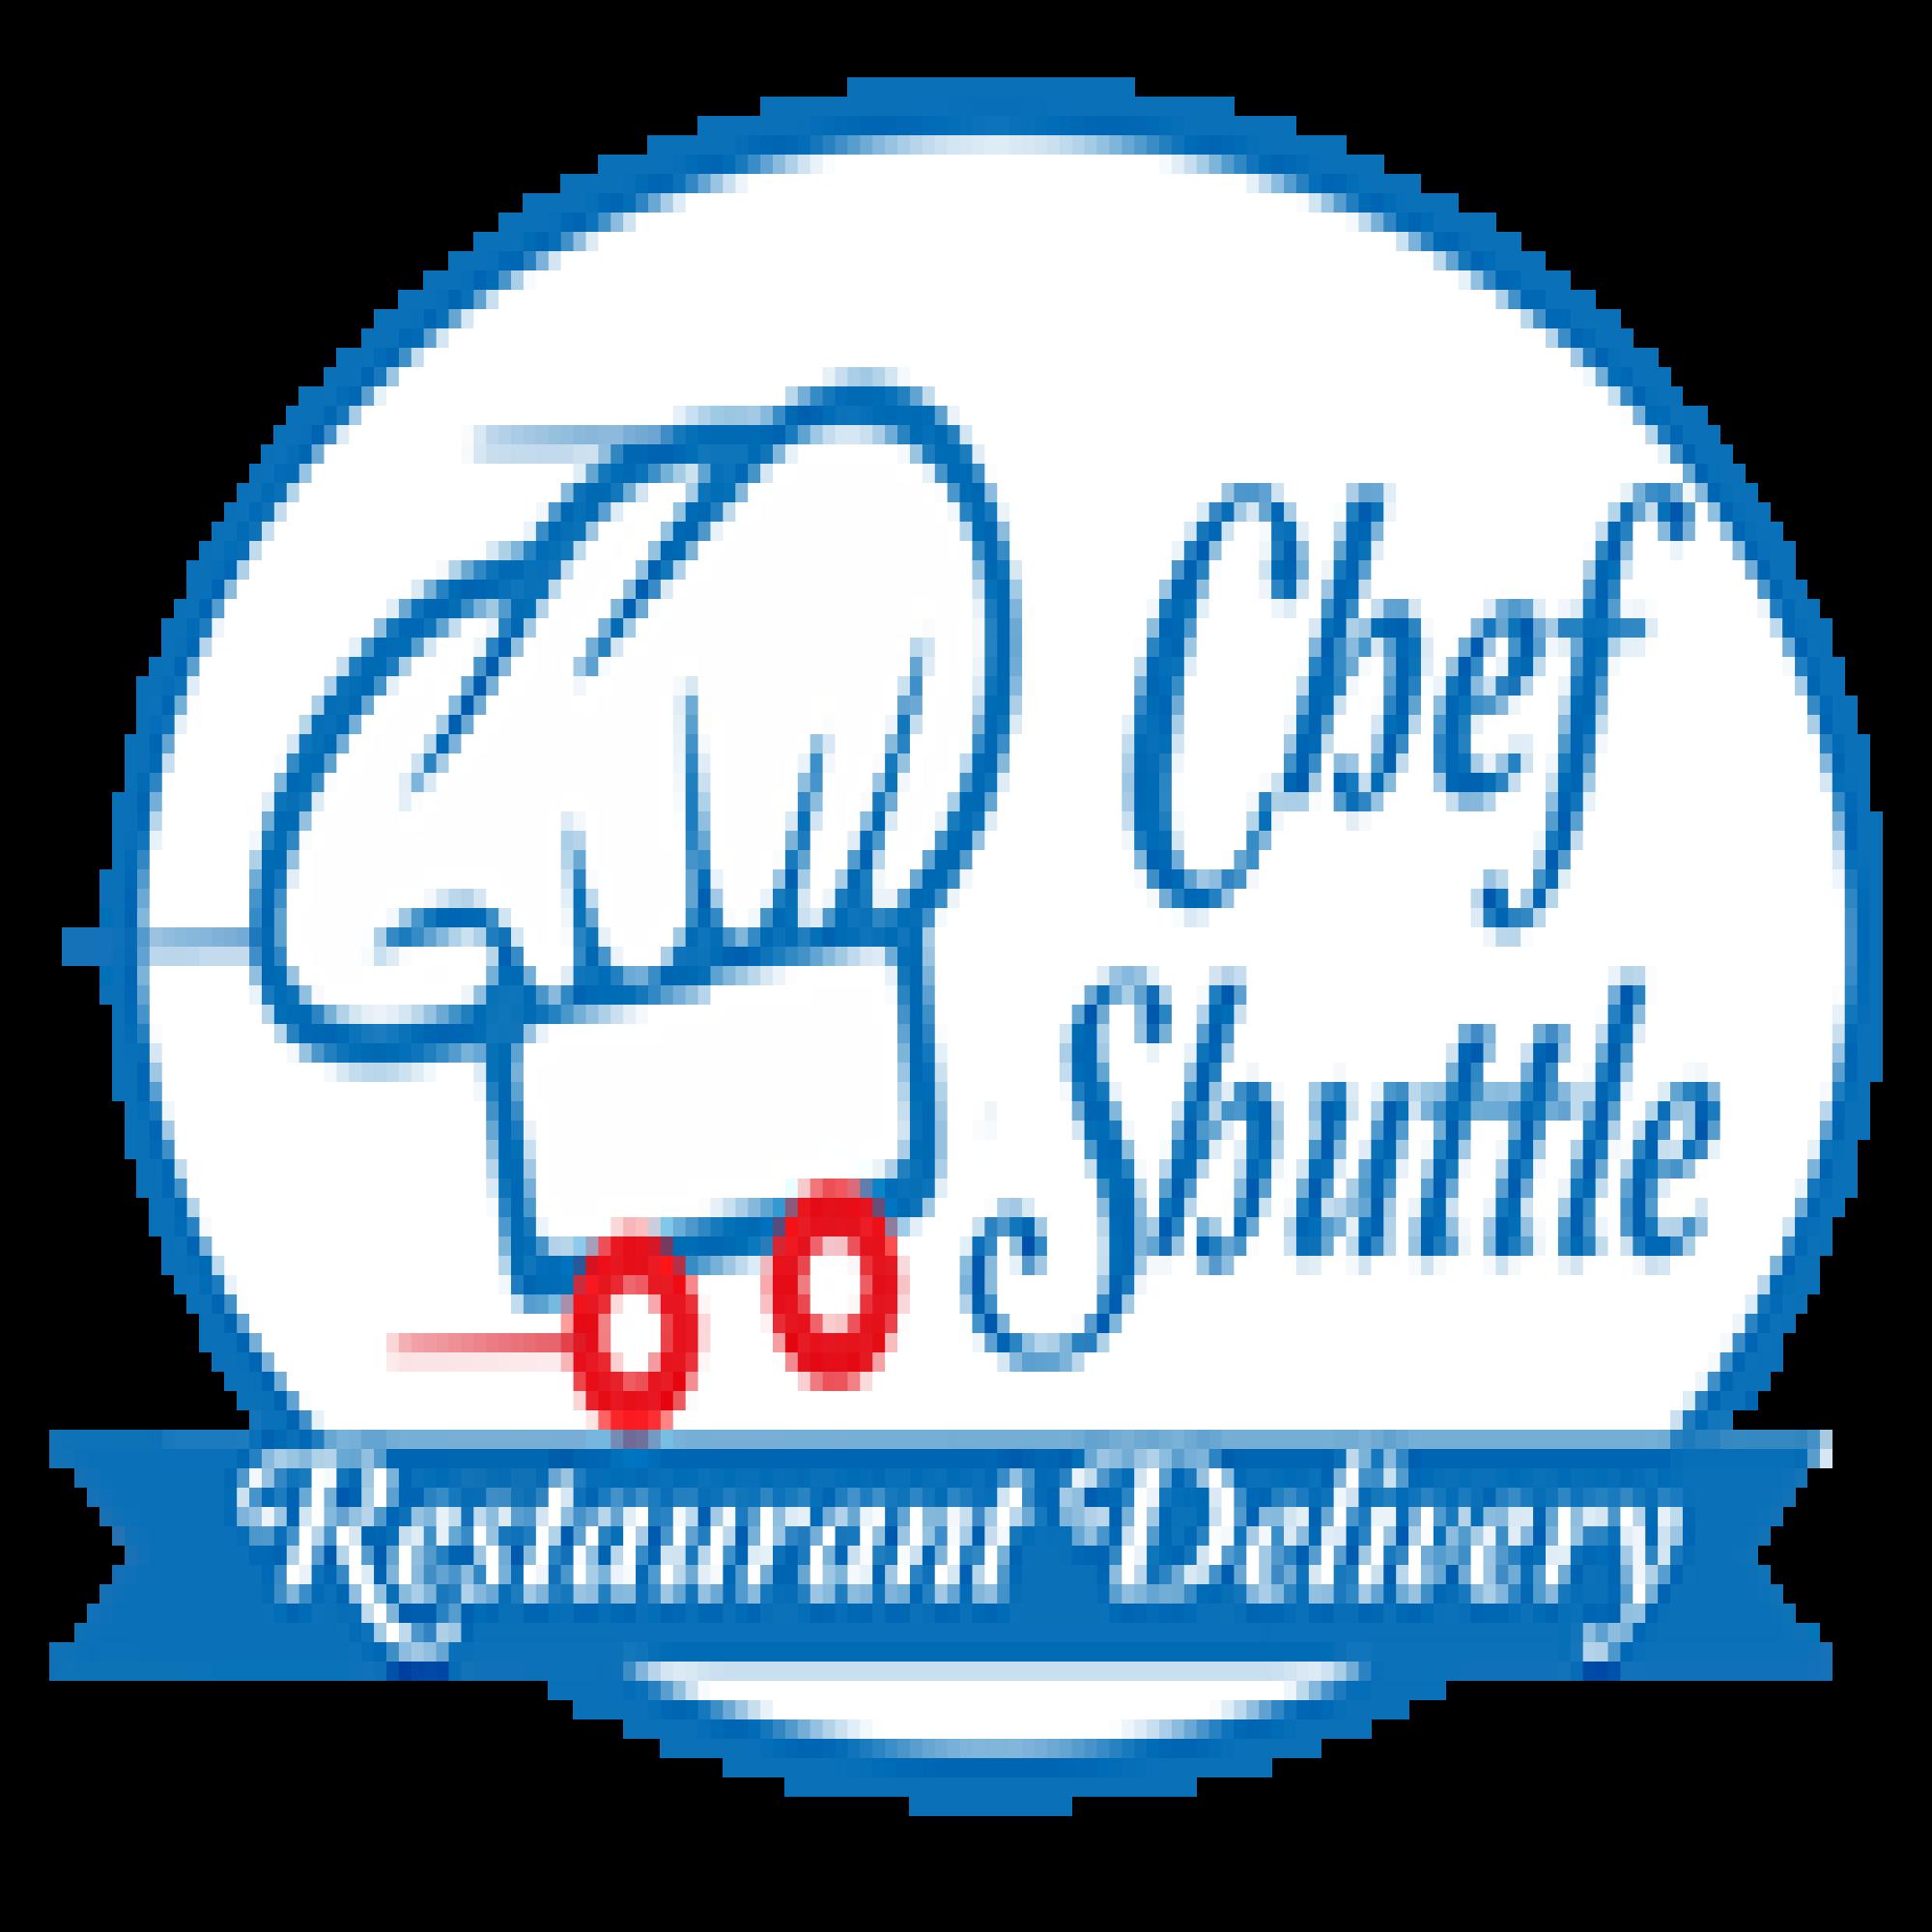 chefshuttlefinal22